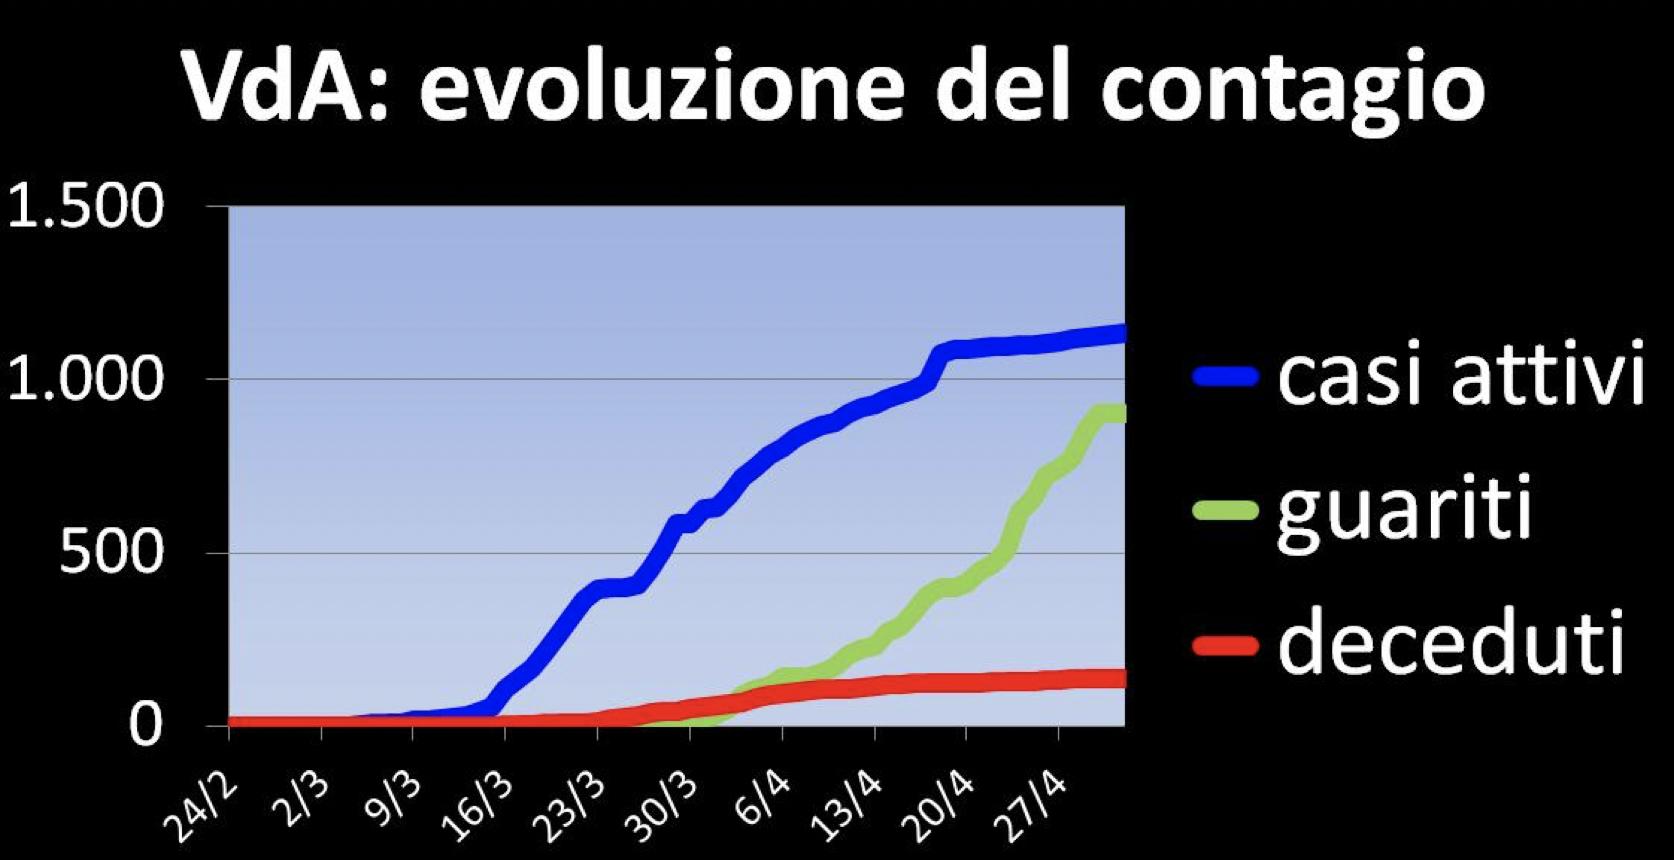 Valle d'Aosta evoluzione del contagioSchermata alle